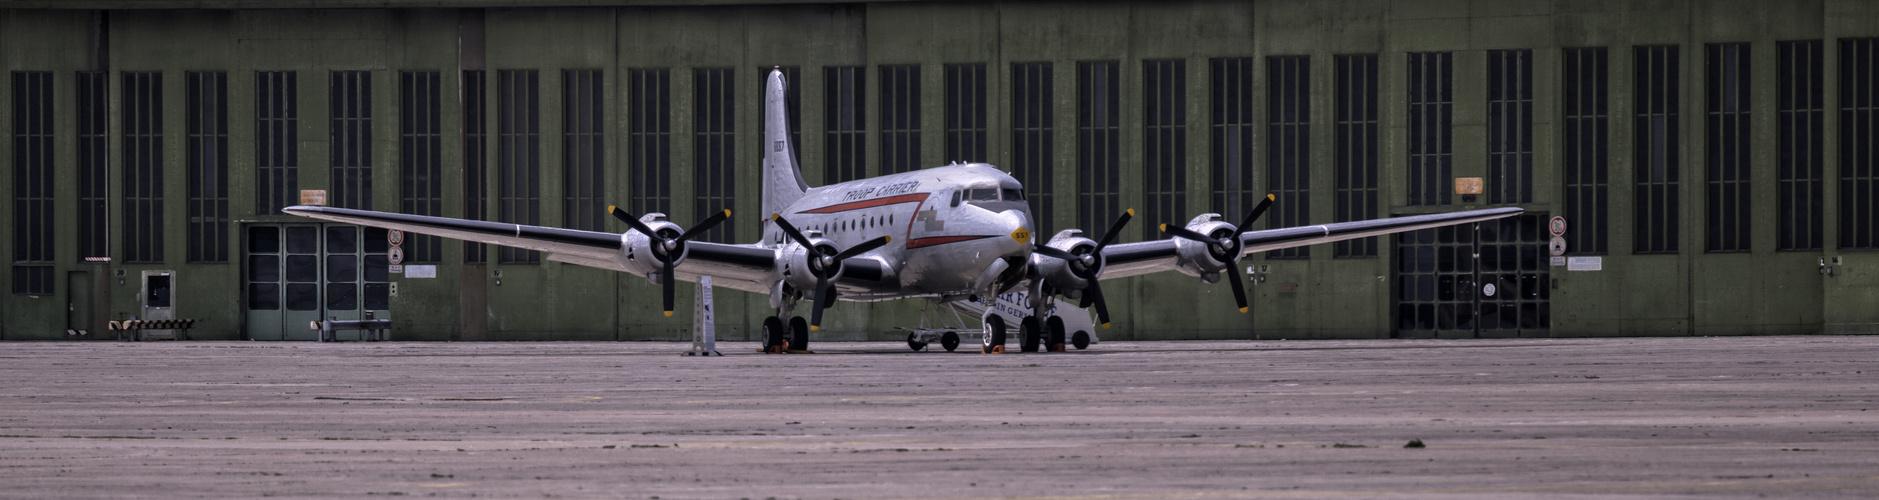 Flughafen Berlin Tempelhof (10)